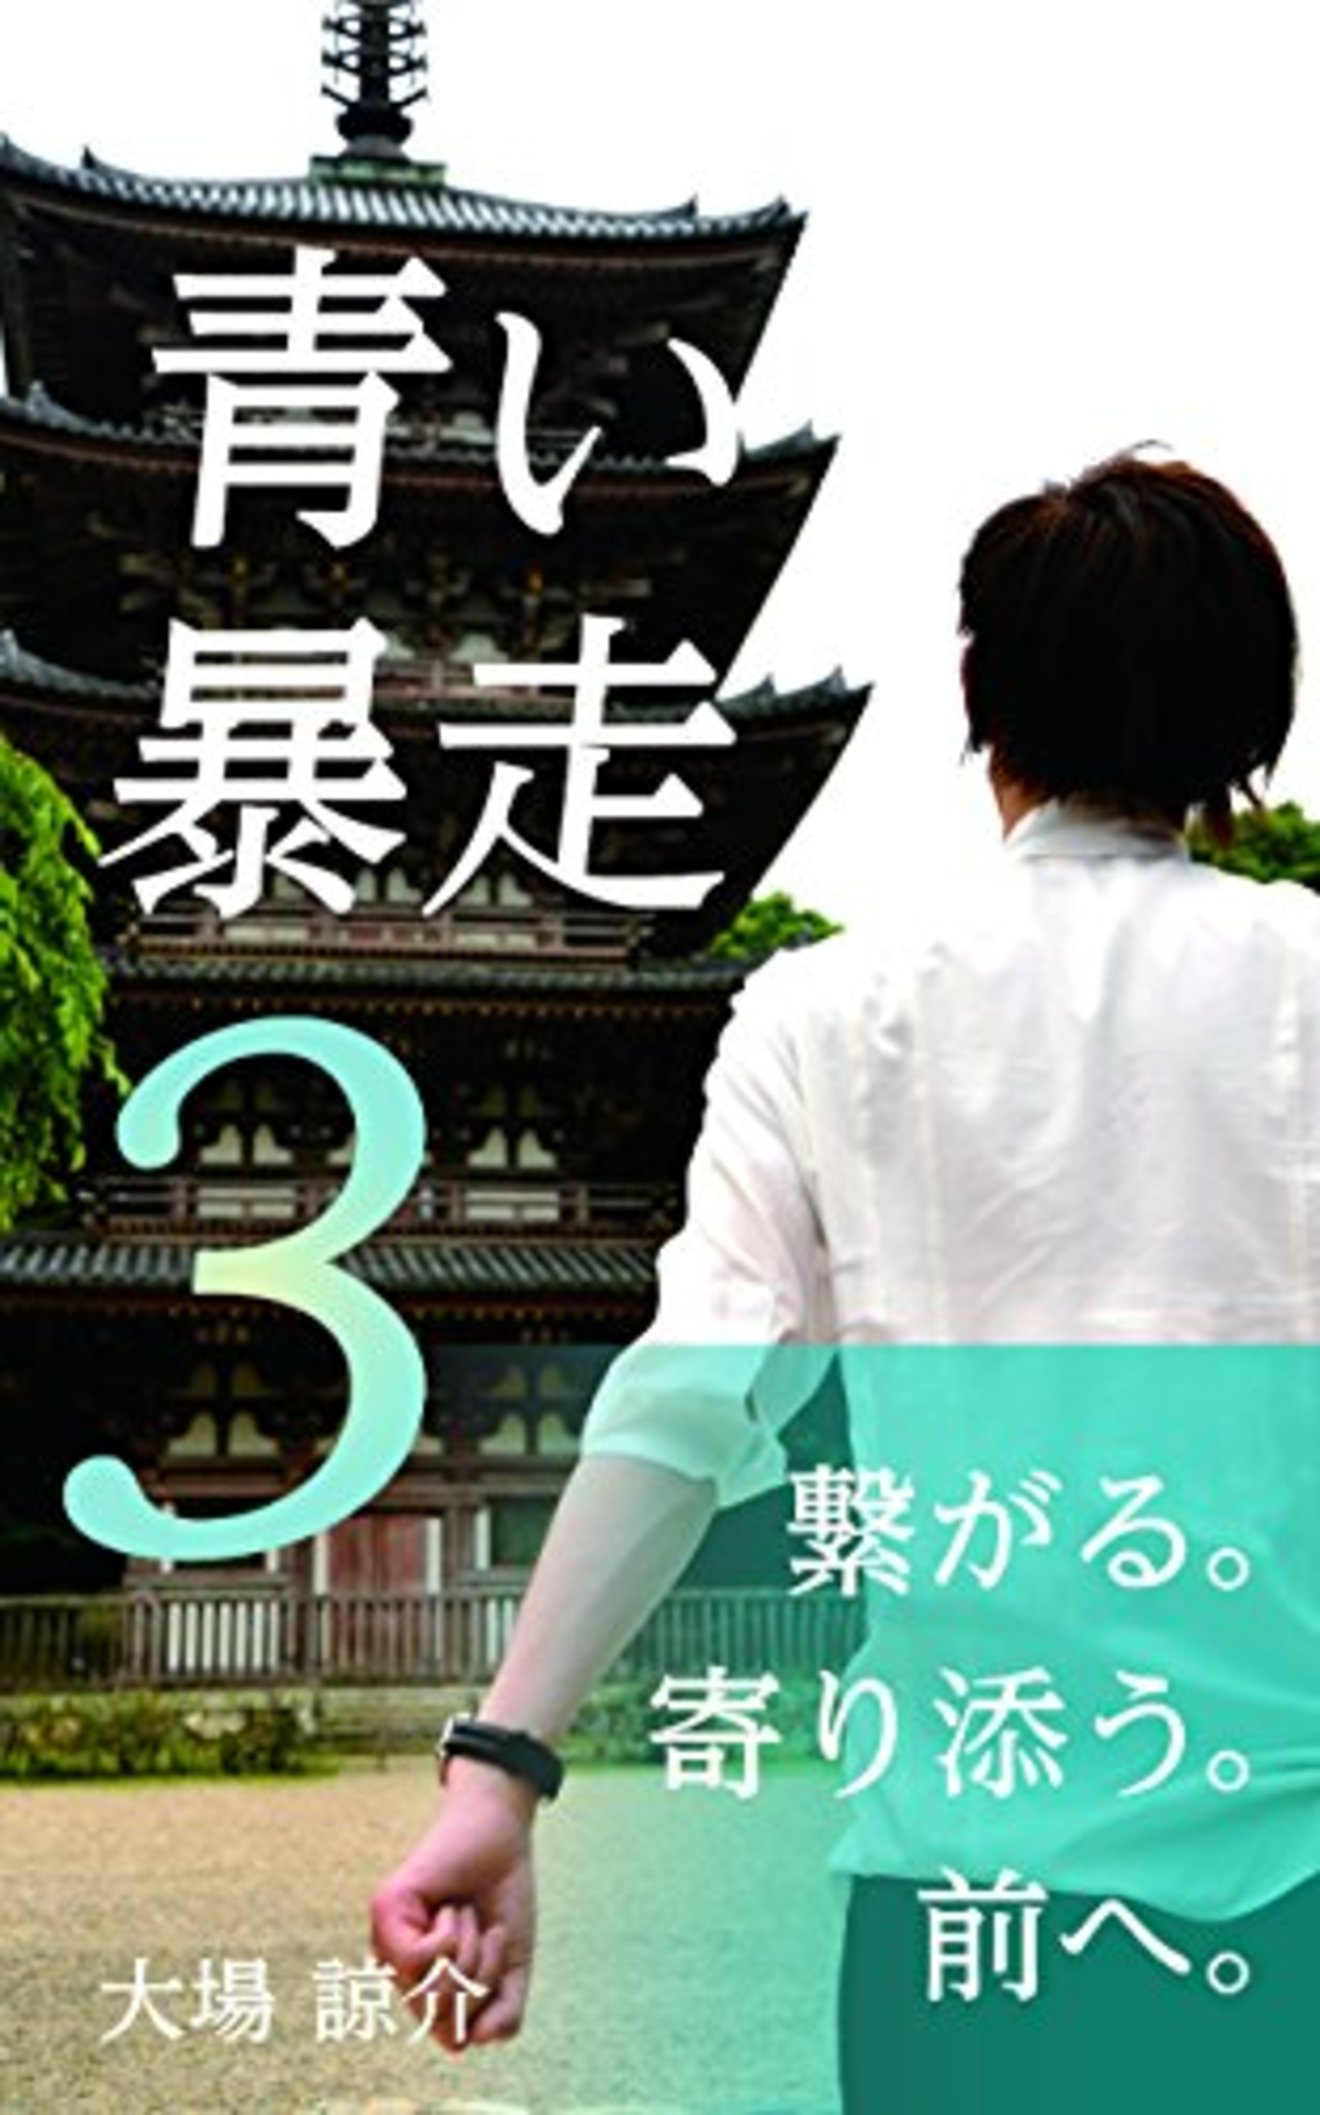 【連載小説】「ロマンティックが終わる時」第8話【毎朝6時更新】